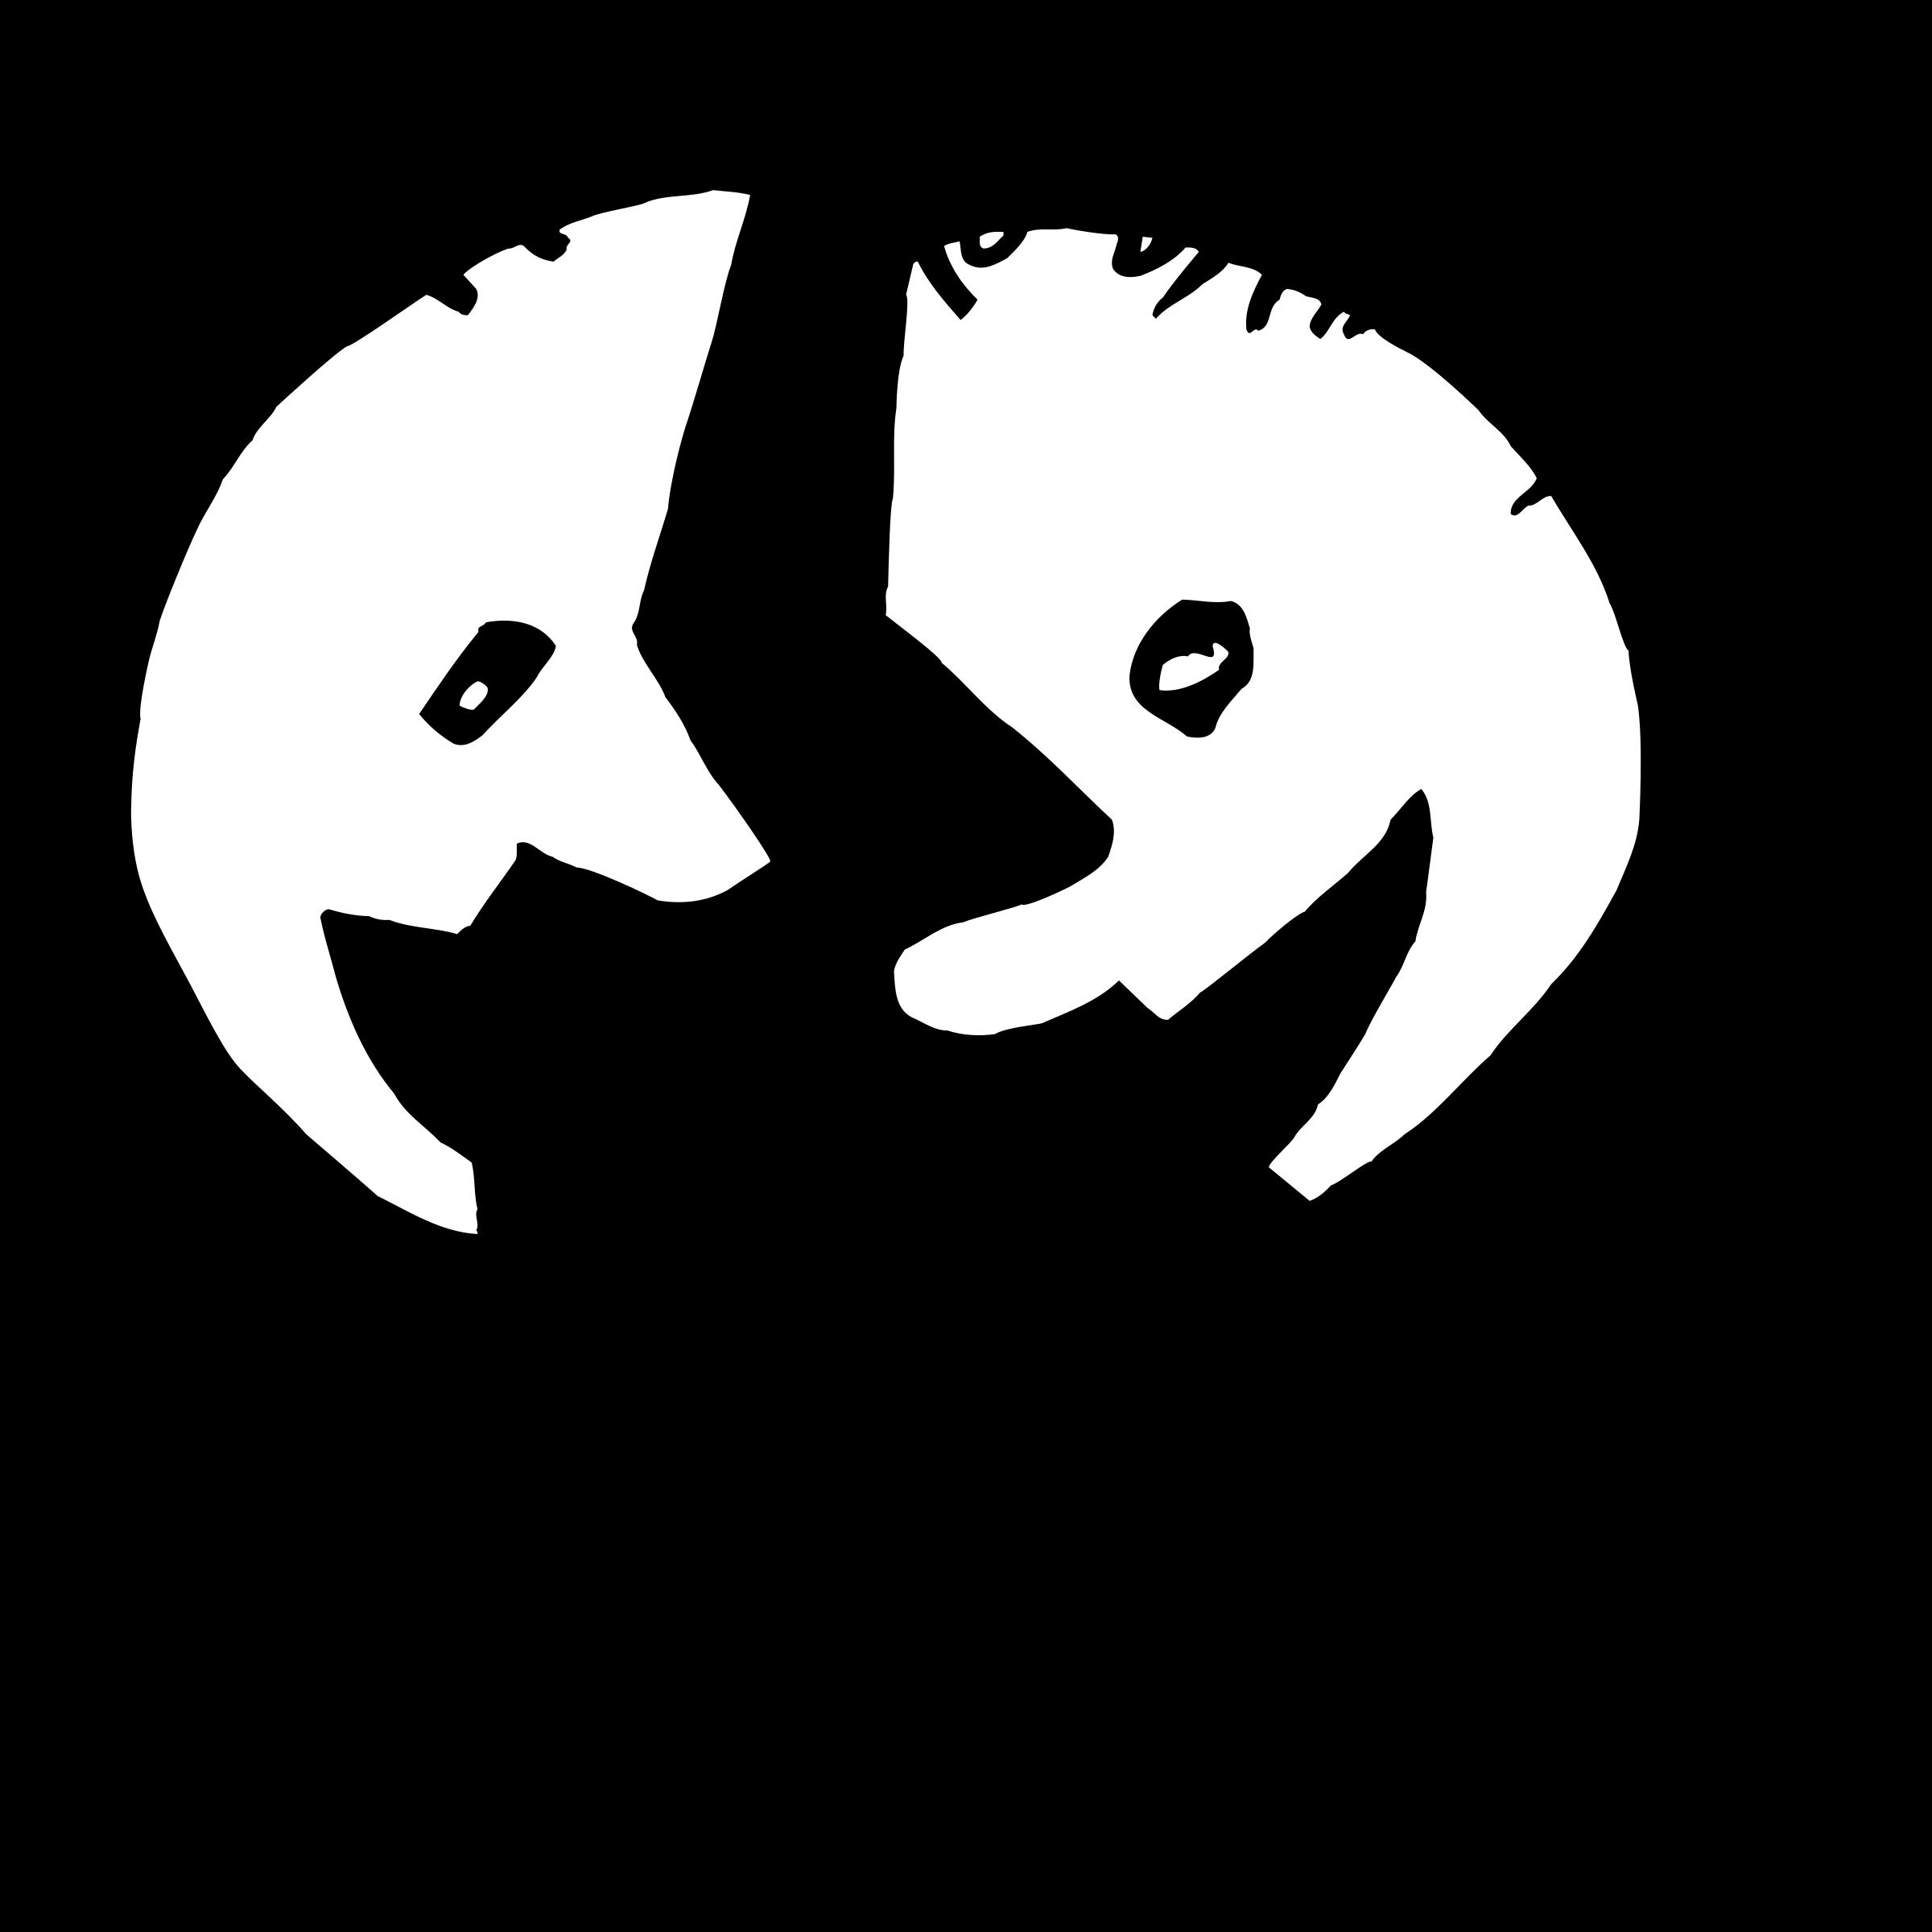 Kidlink Logo PNG Transparent